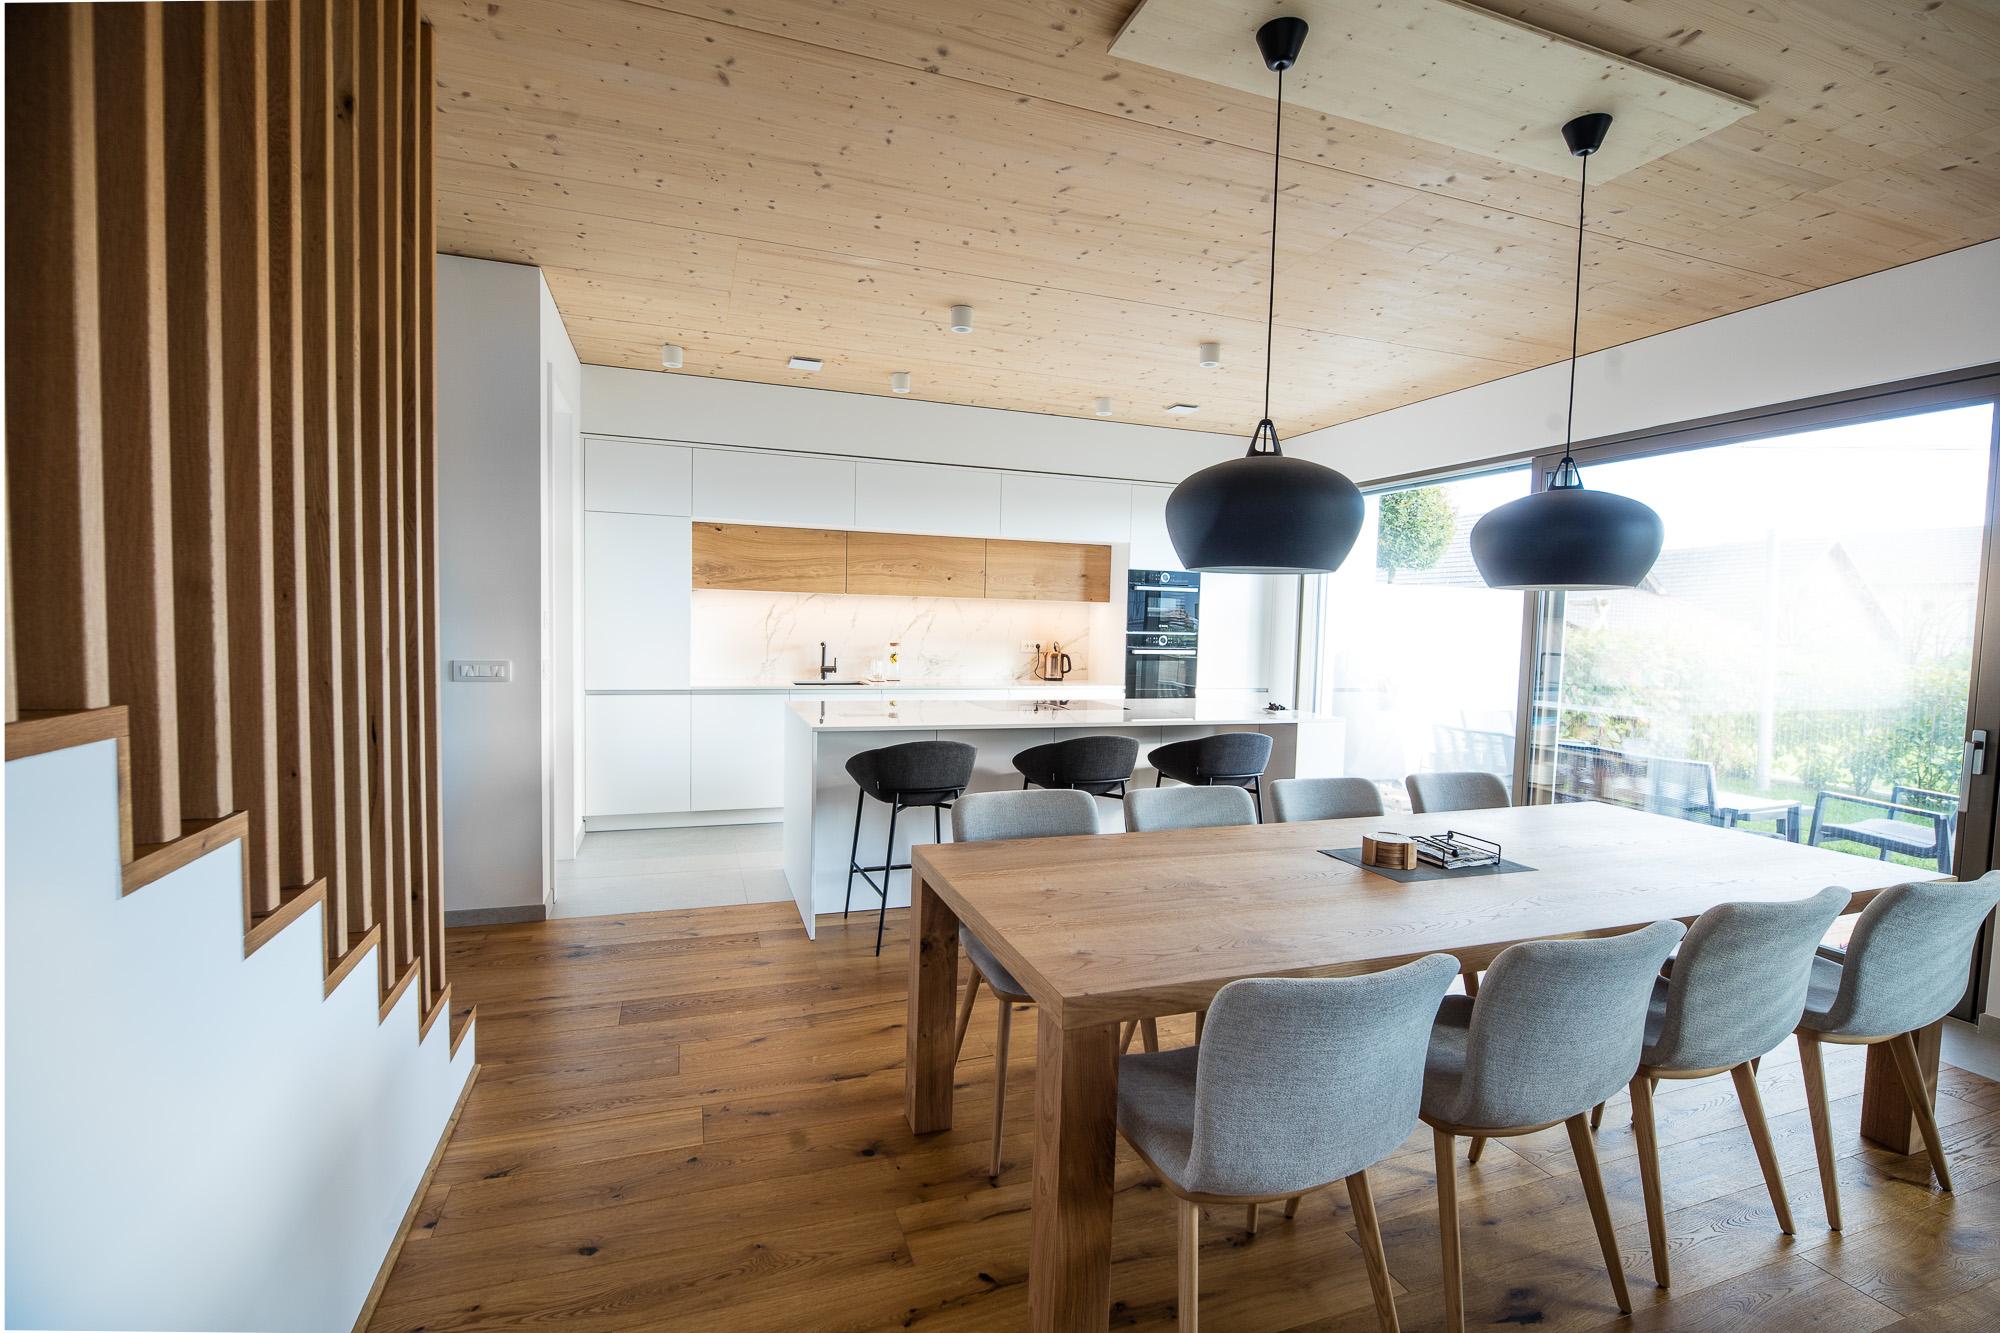 pohištvo za kuhinjo in dnevno sobo